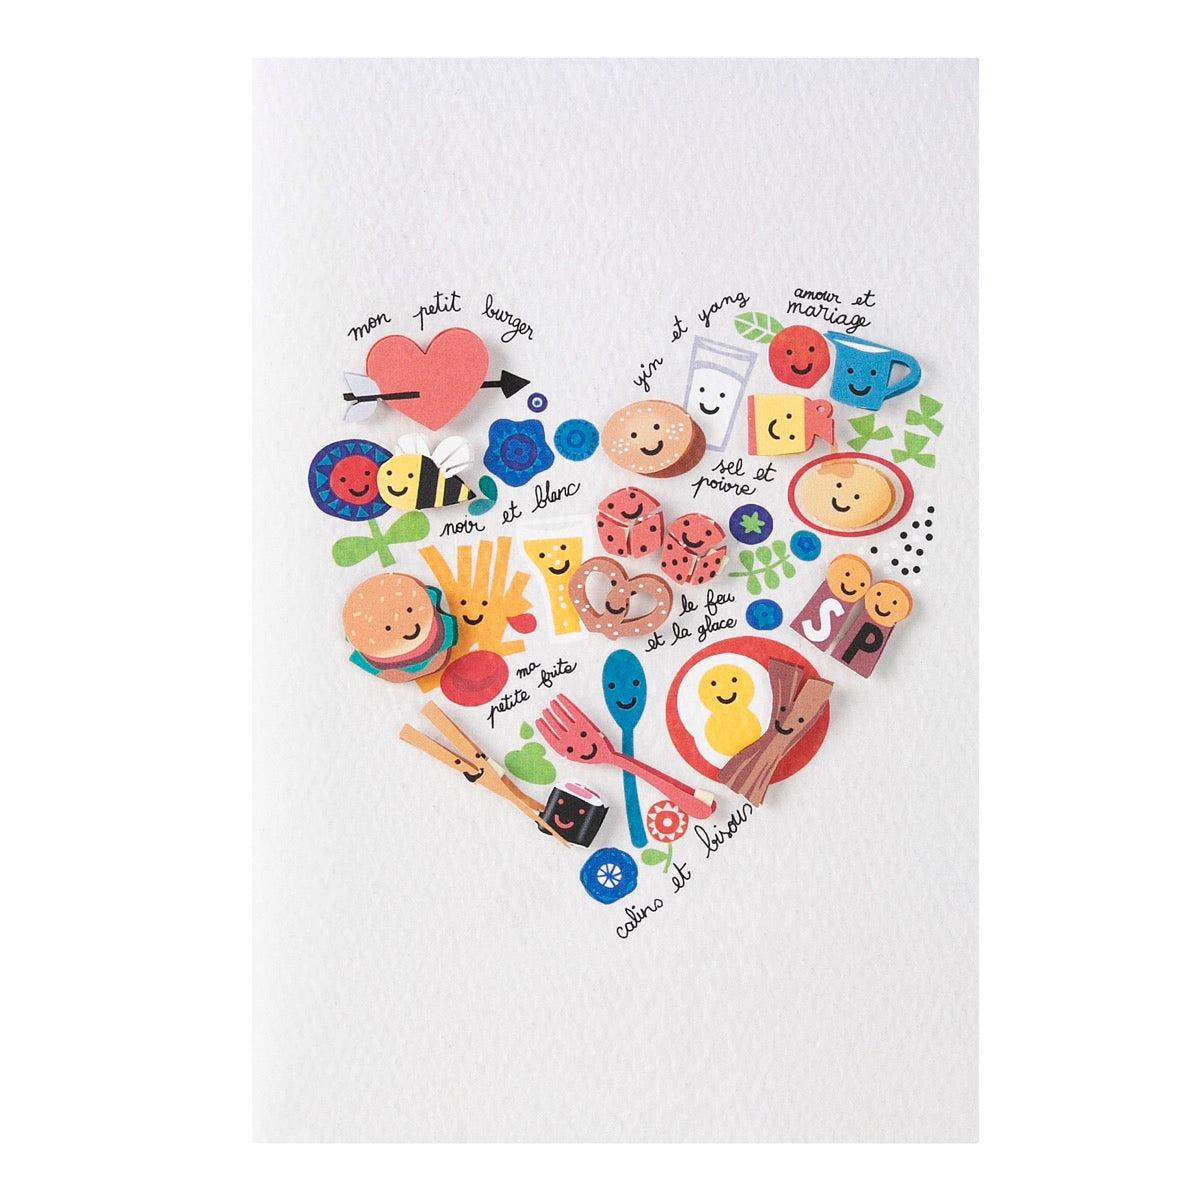 Carte amour recette d'amour